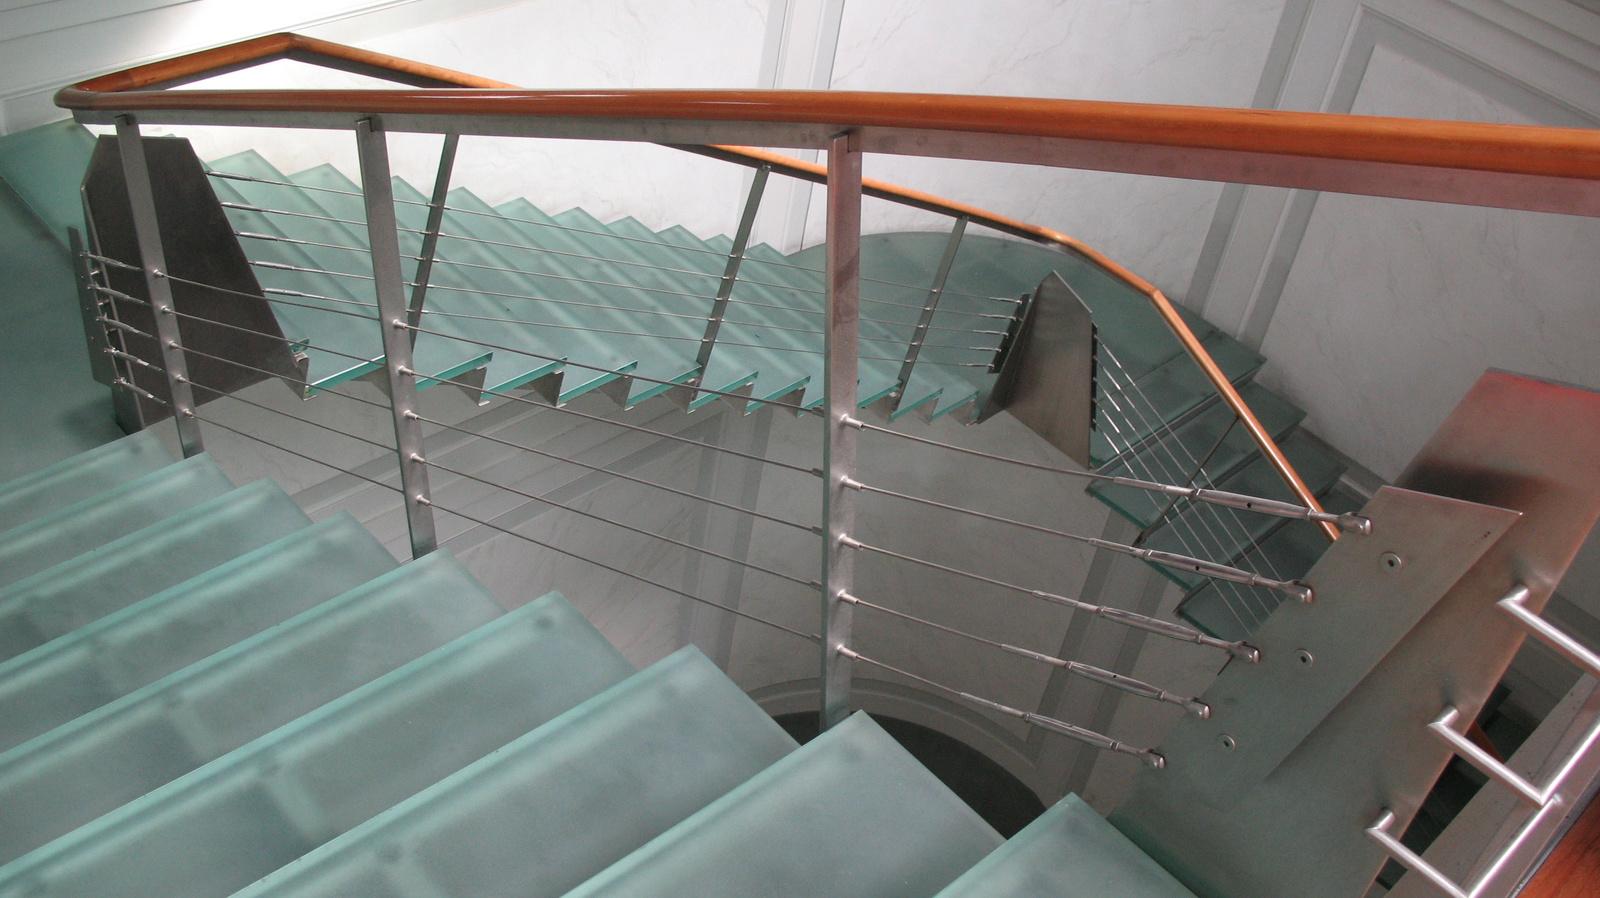 Üveglépcsőkön vitték tovább a lépcsőházat az új szintekre